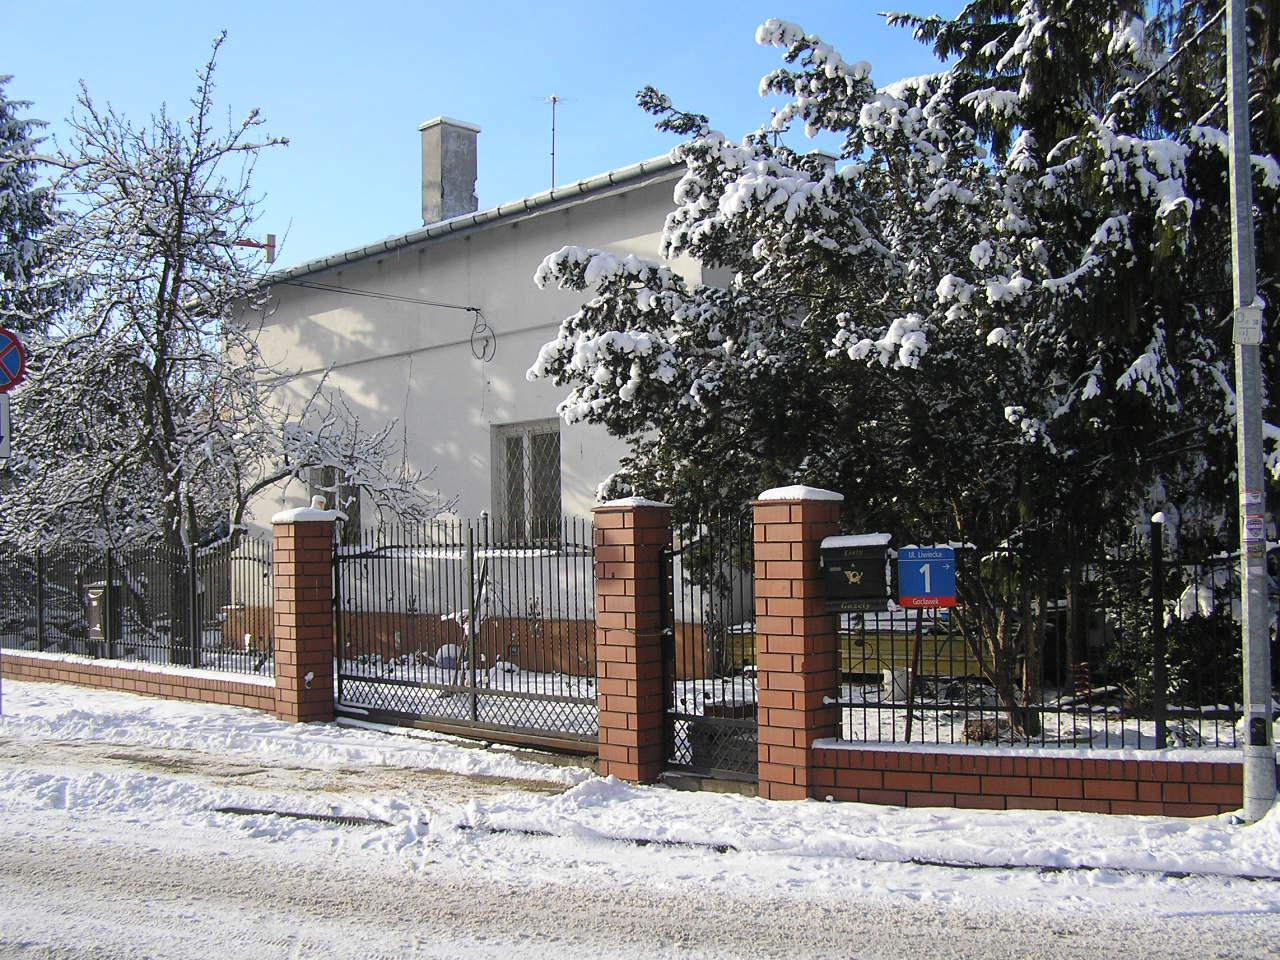 Dom przy ulicy Liwieckiej 1 na Grochowie